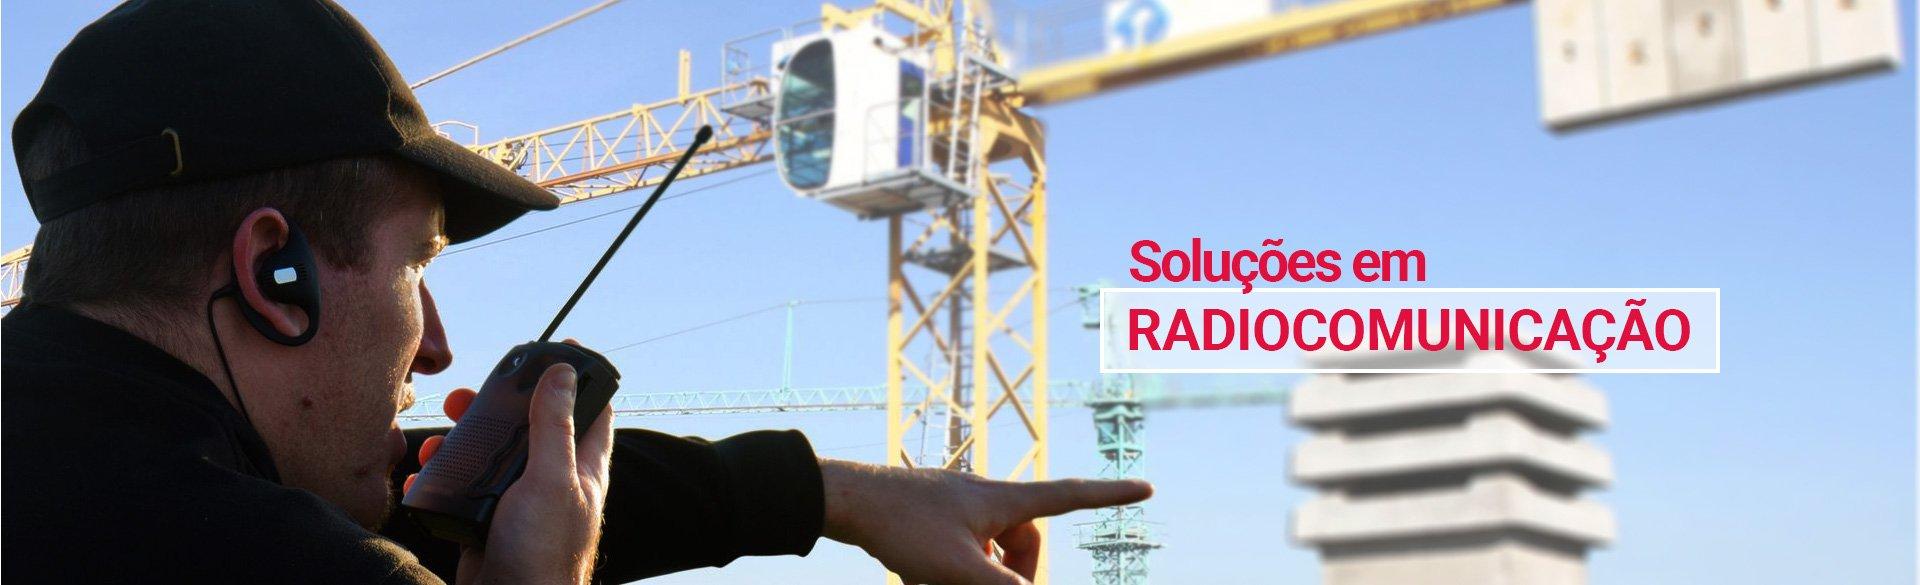 banner-radiocomunicacao-oti